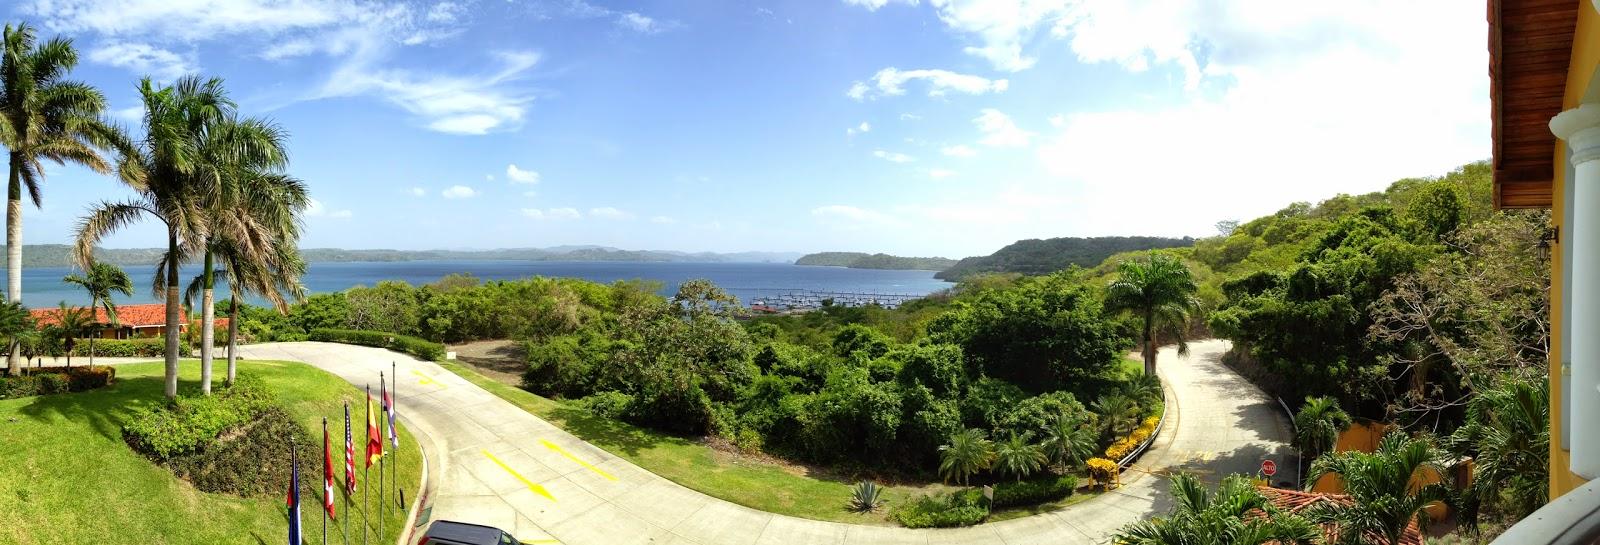 costa-rica-liberia-allegro-papagayo-hotel-view